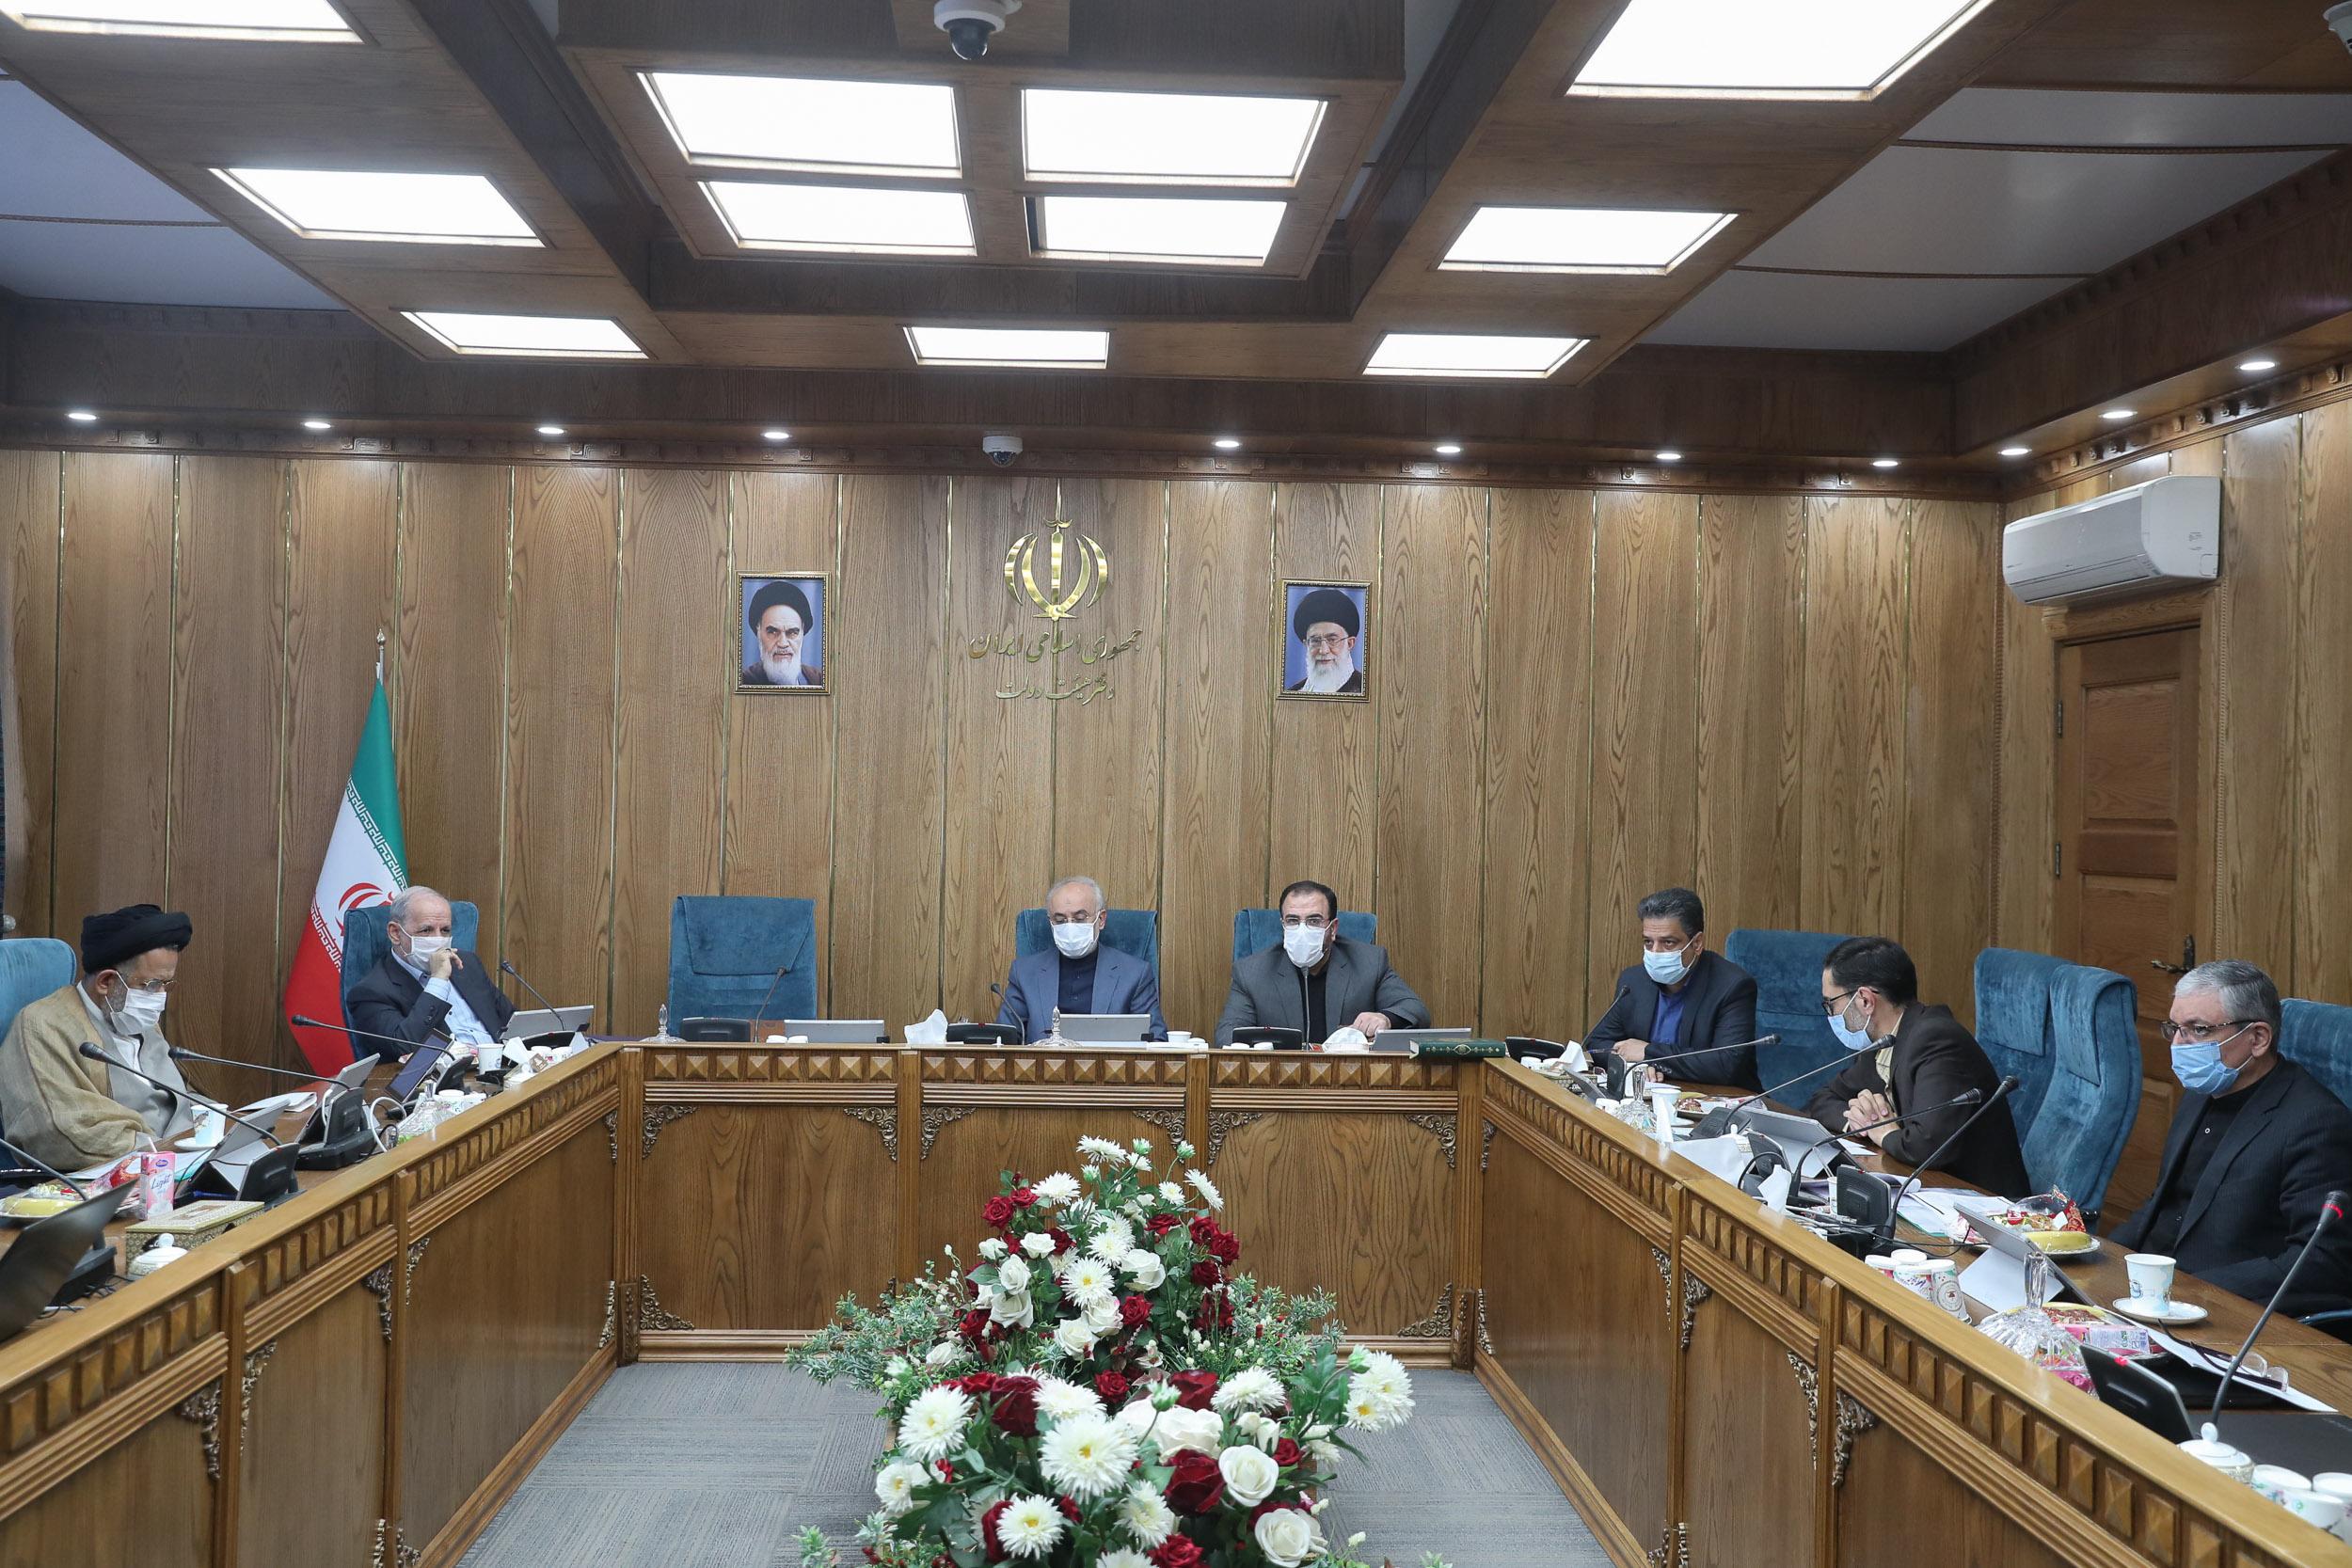 برگزاری کمیته اصلی کمیسیون سیاسی و دفاعی دولت